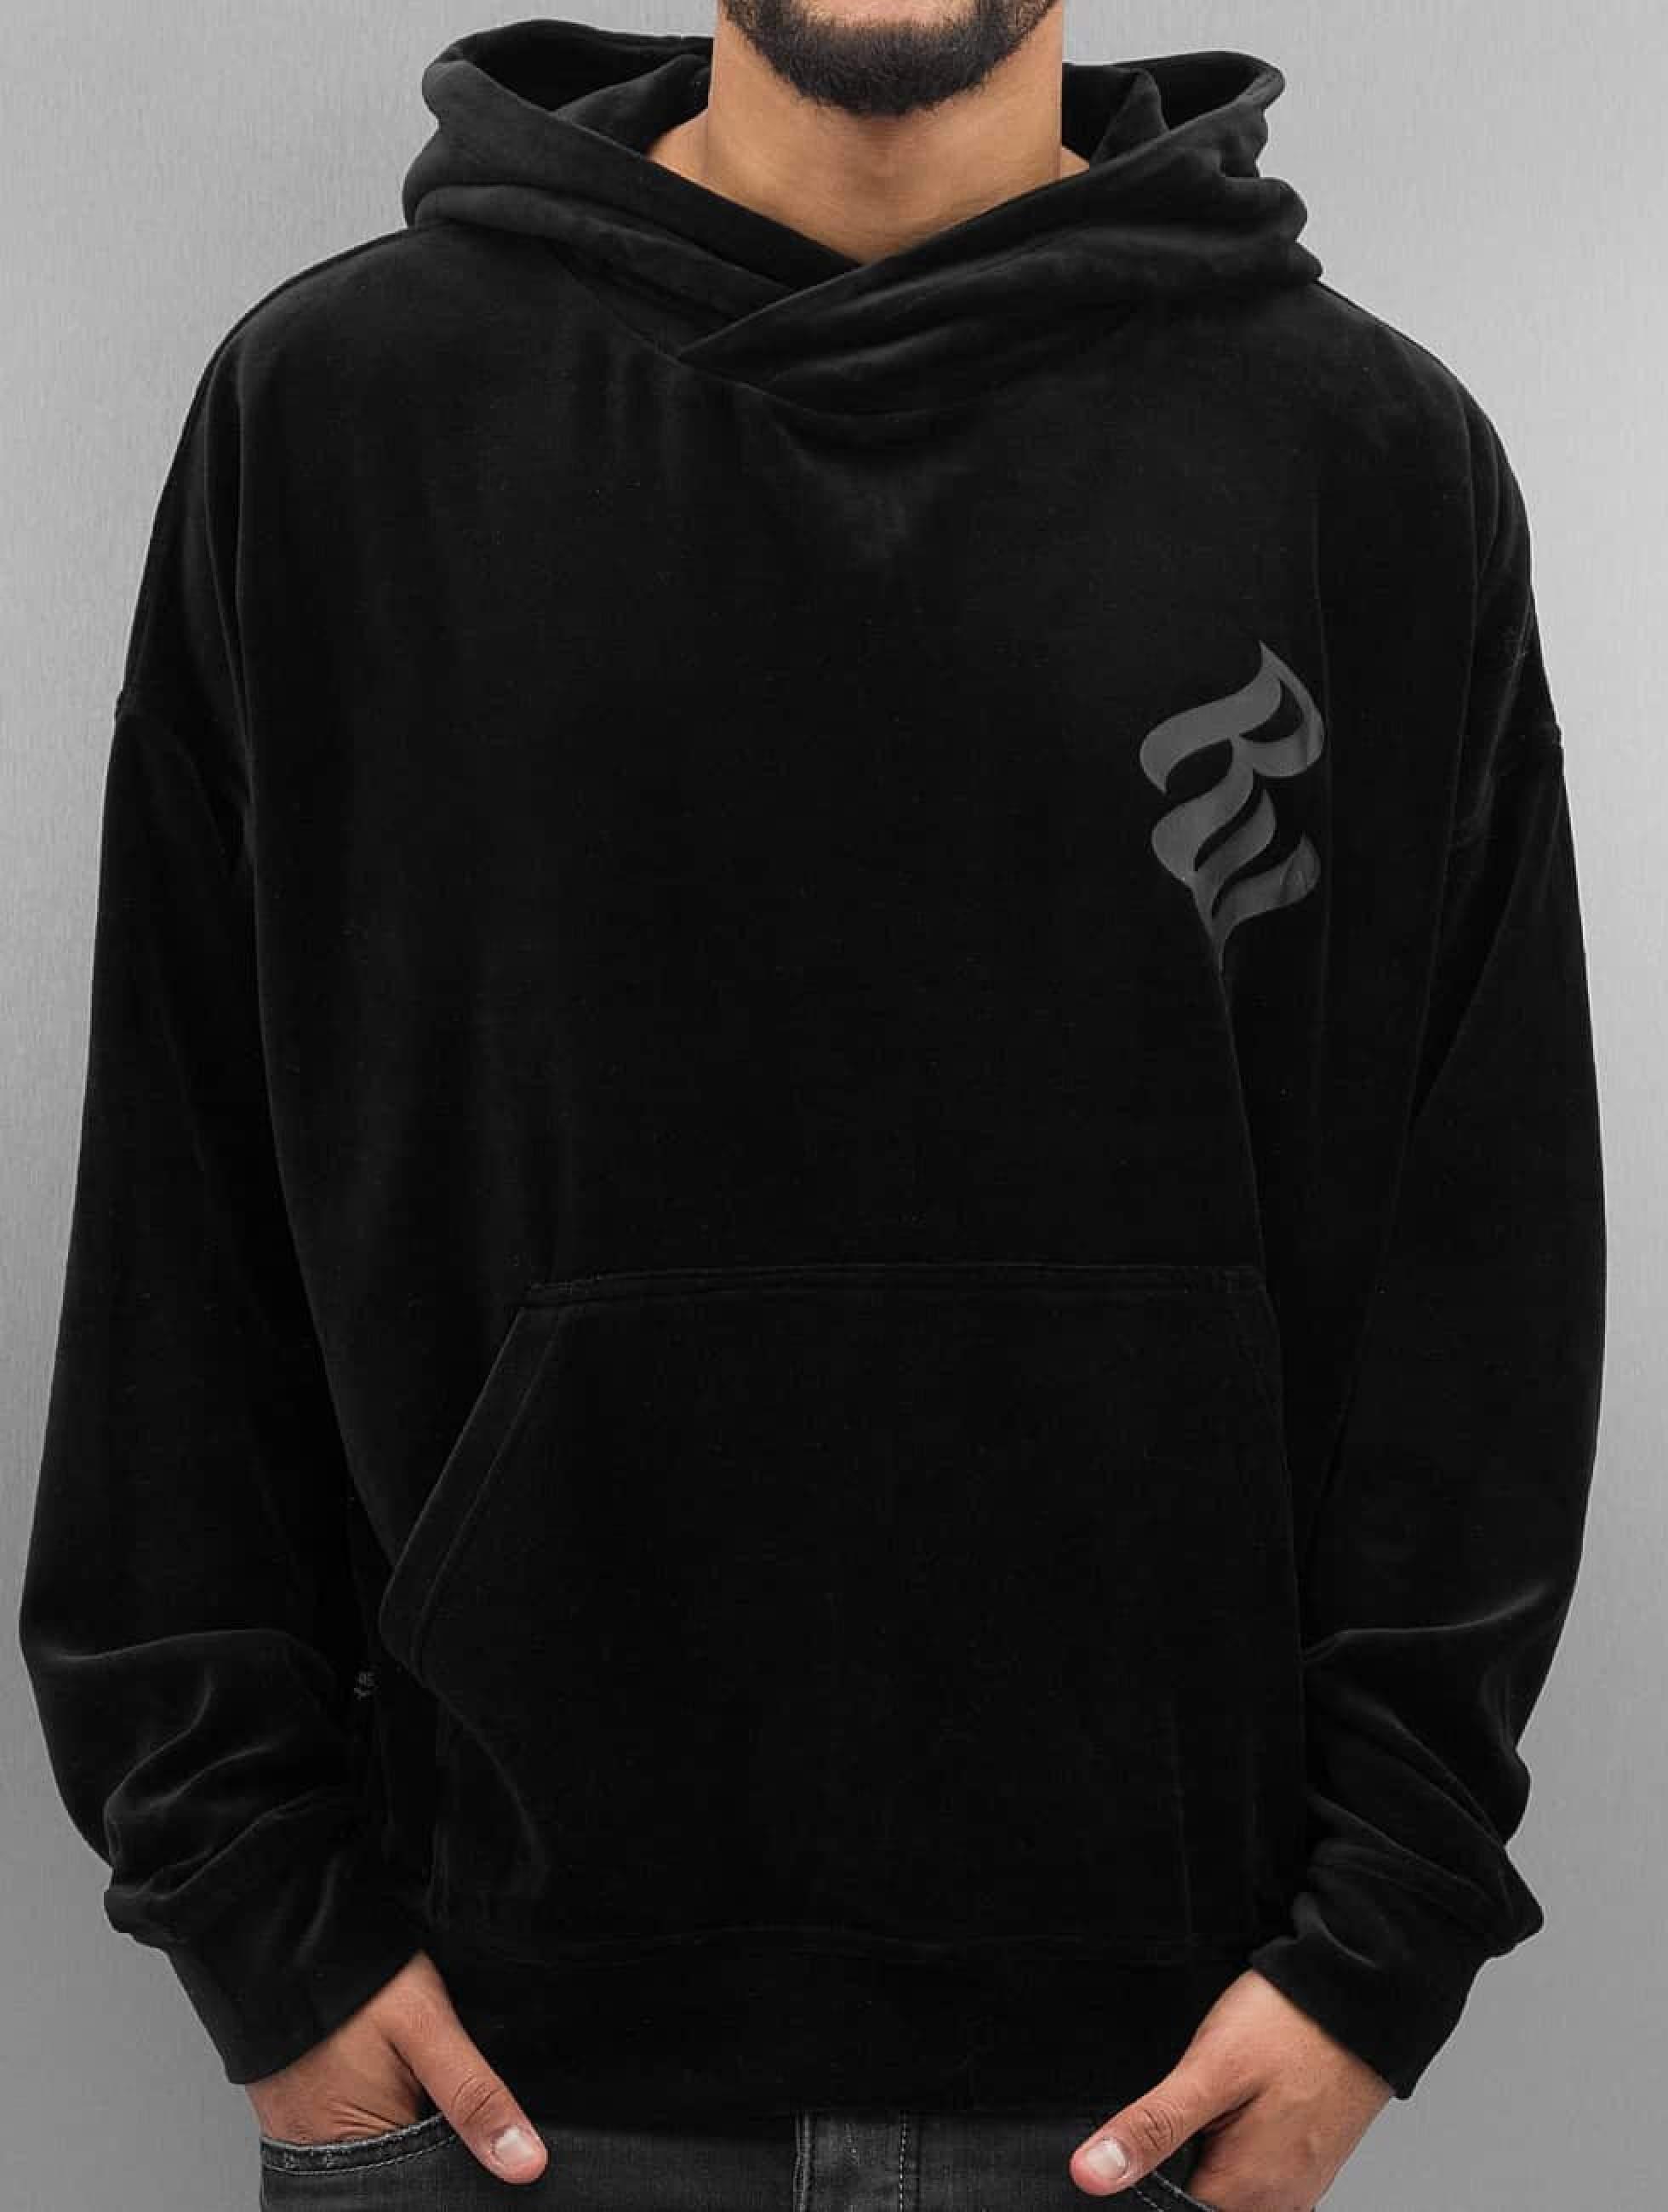 Rocawear / Hoodie Velour II Samt in black S